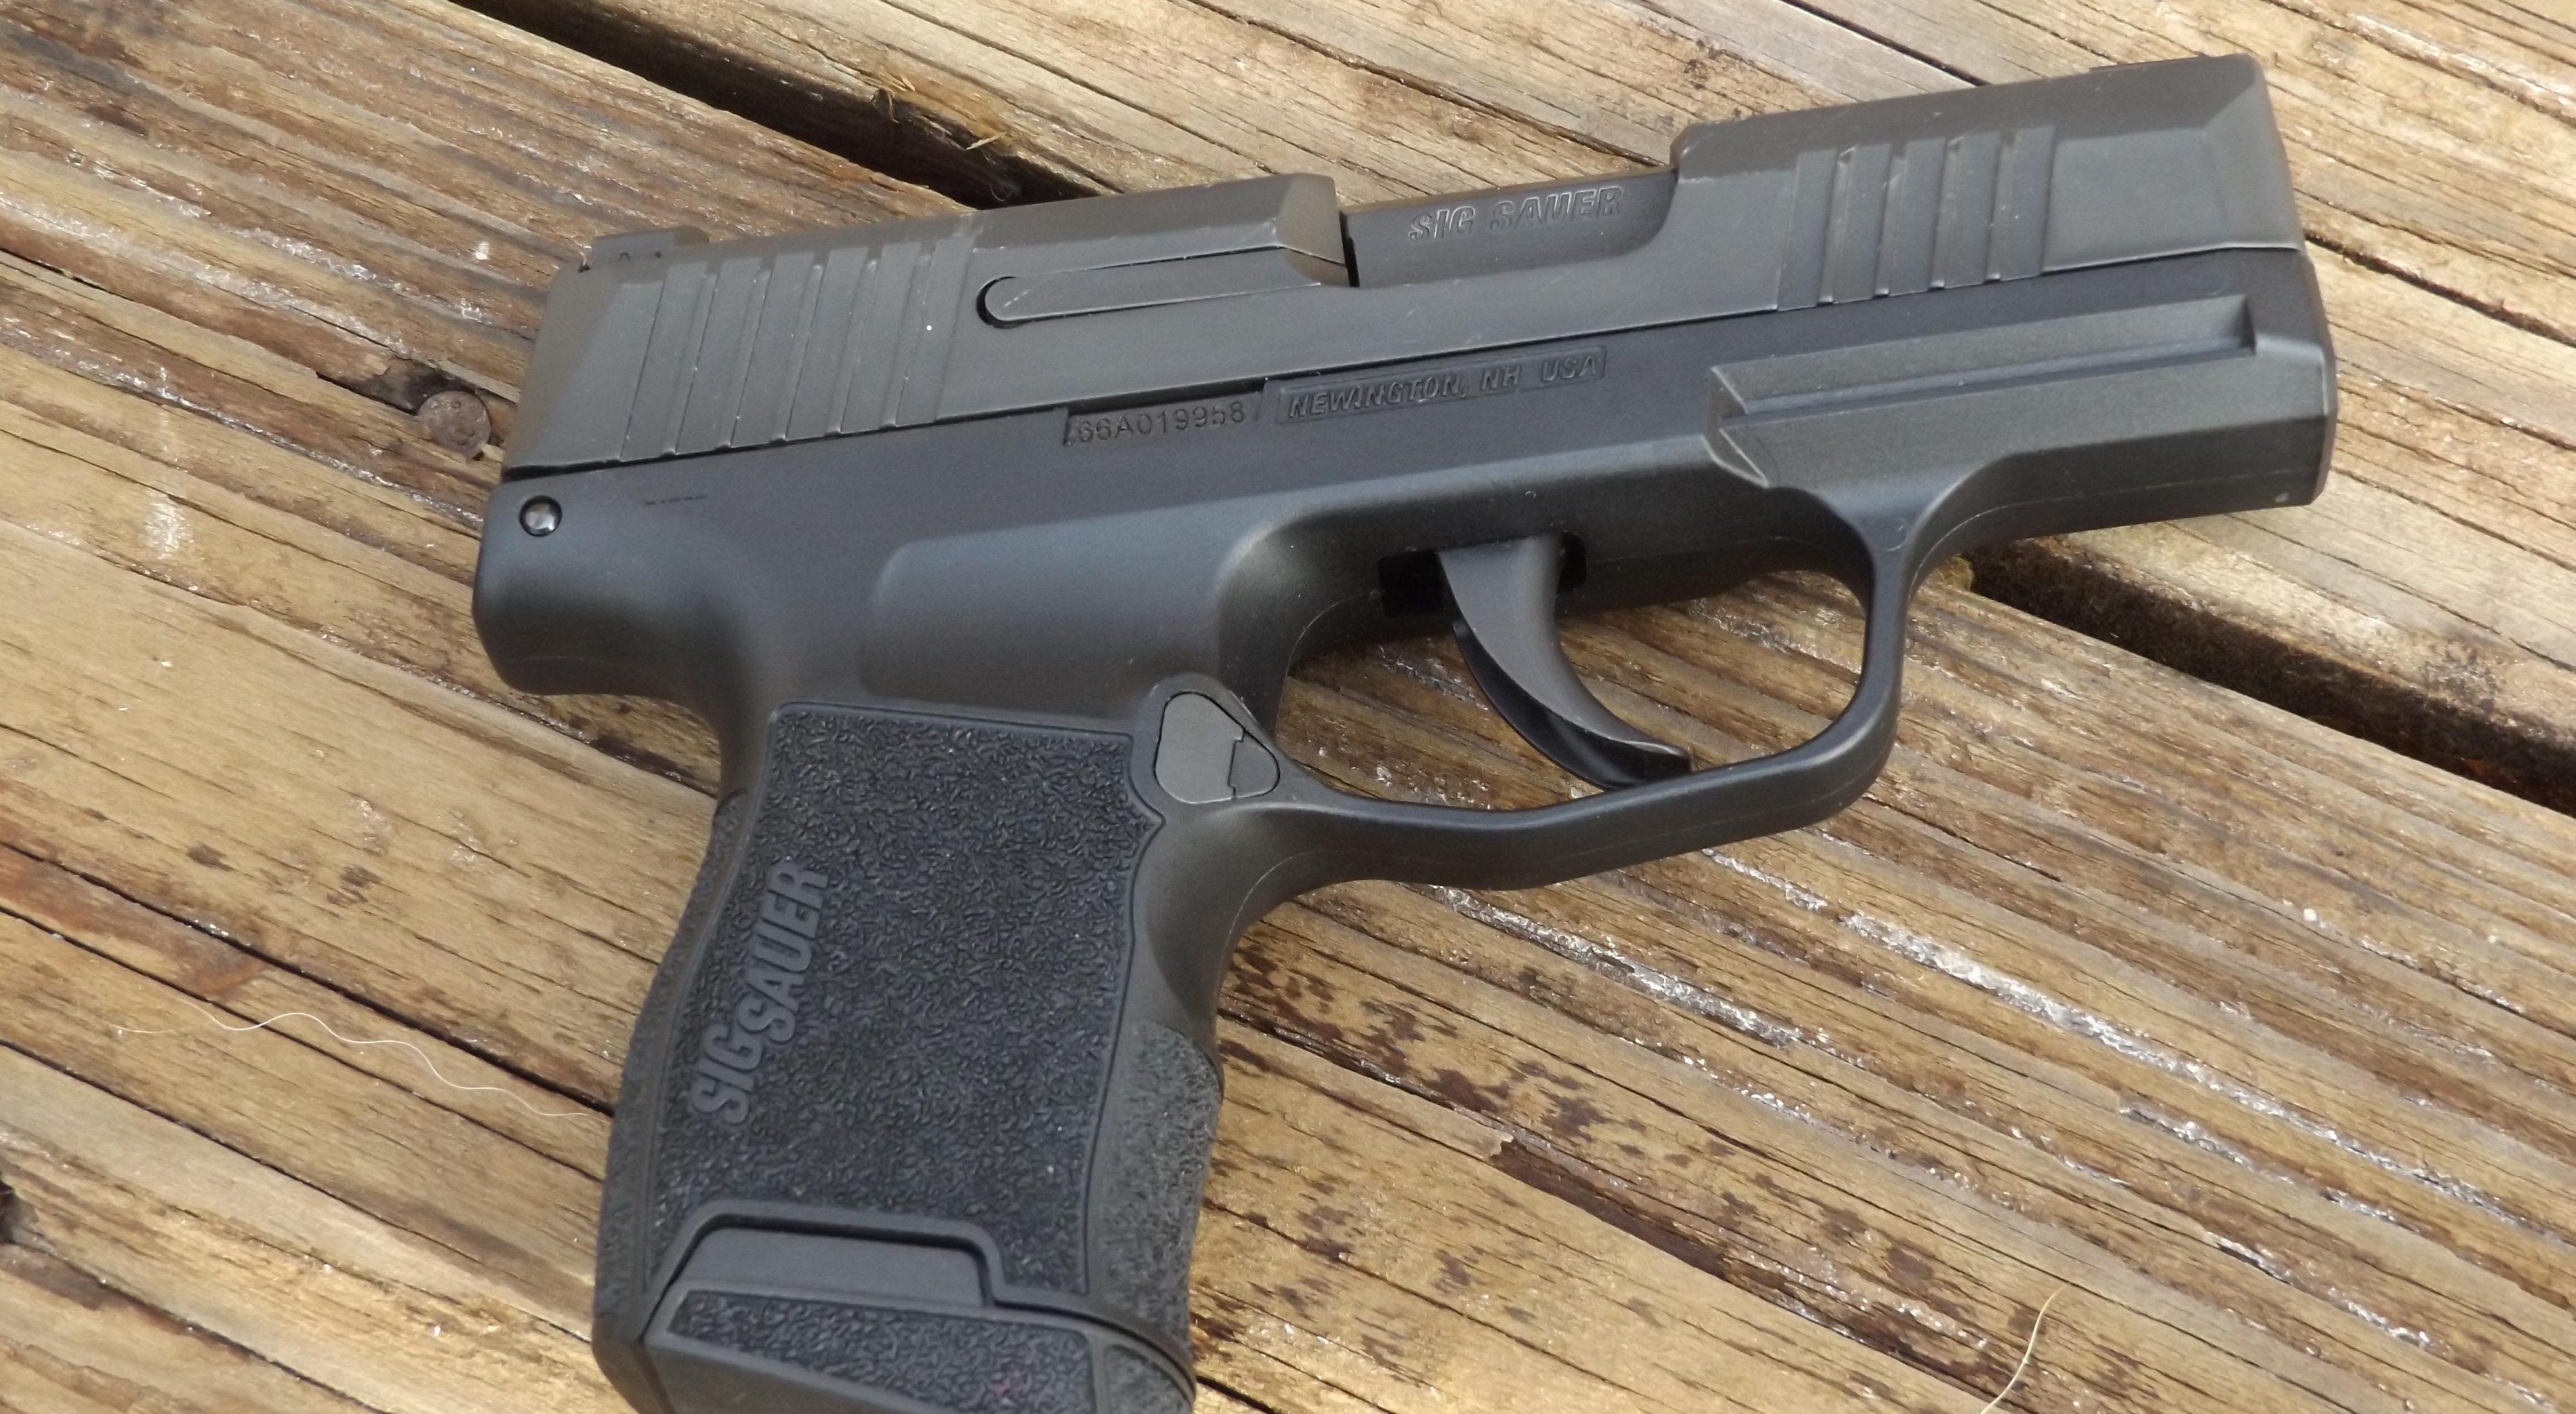 SurvivalBlog Review: SIG-Sauer P365 9mm, by Pat Cascio